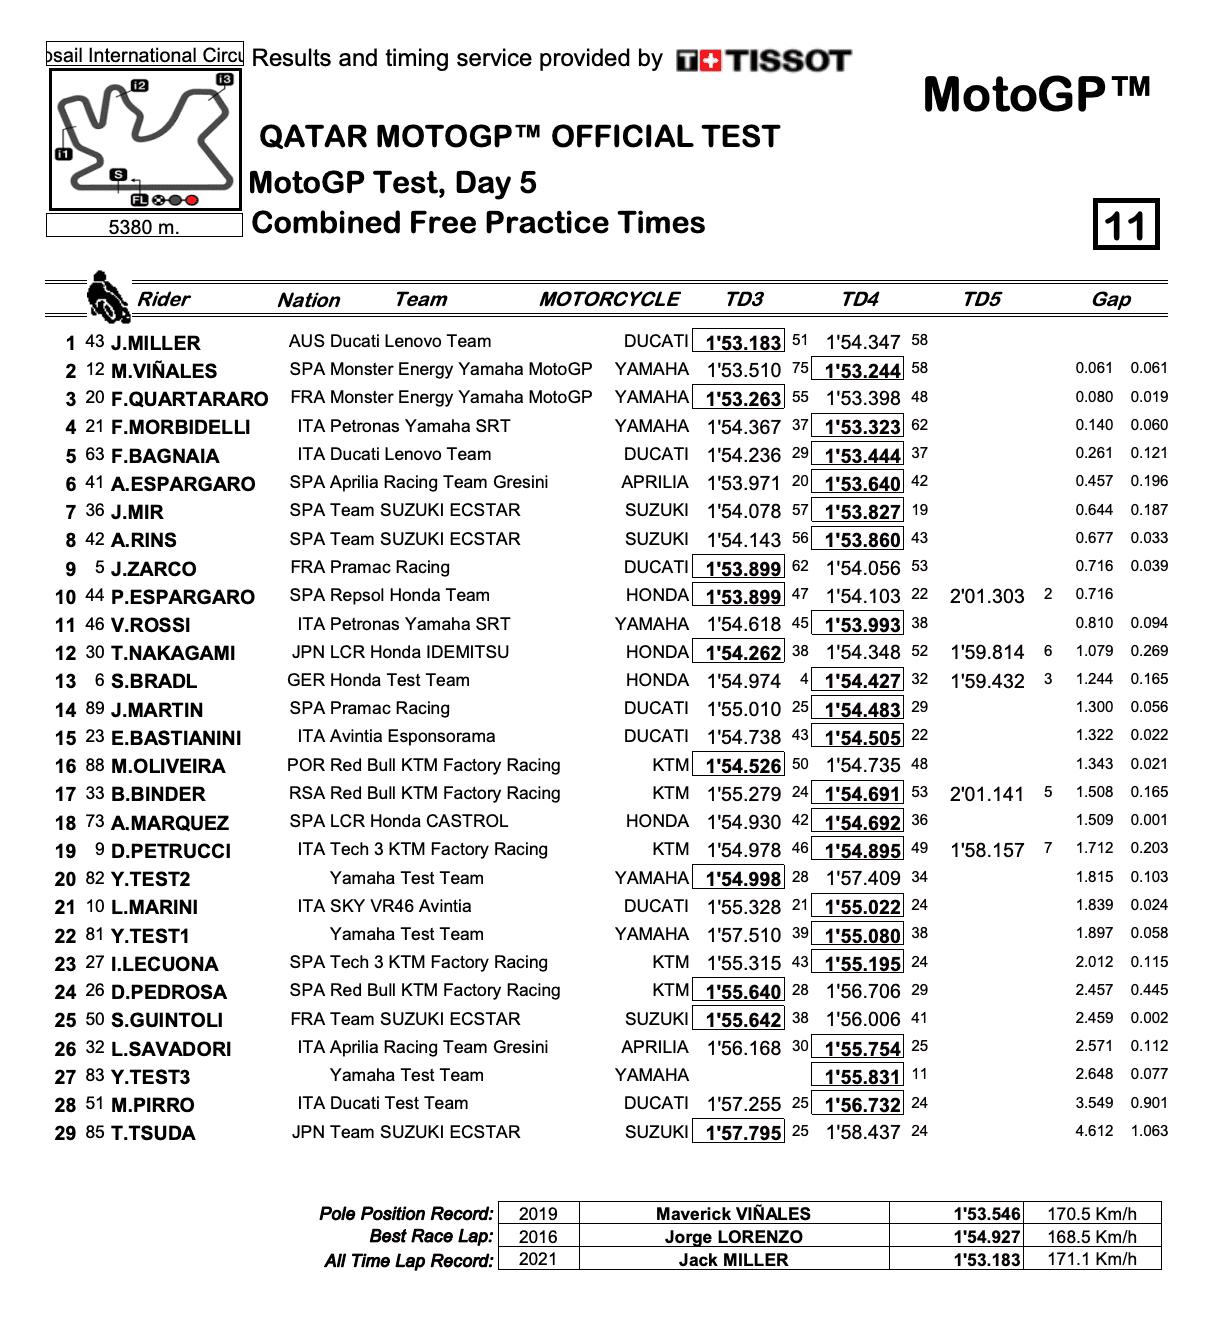 MotoGP2021カタールテスト 総合トップタイムはジャック・ミラー